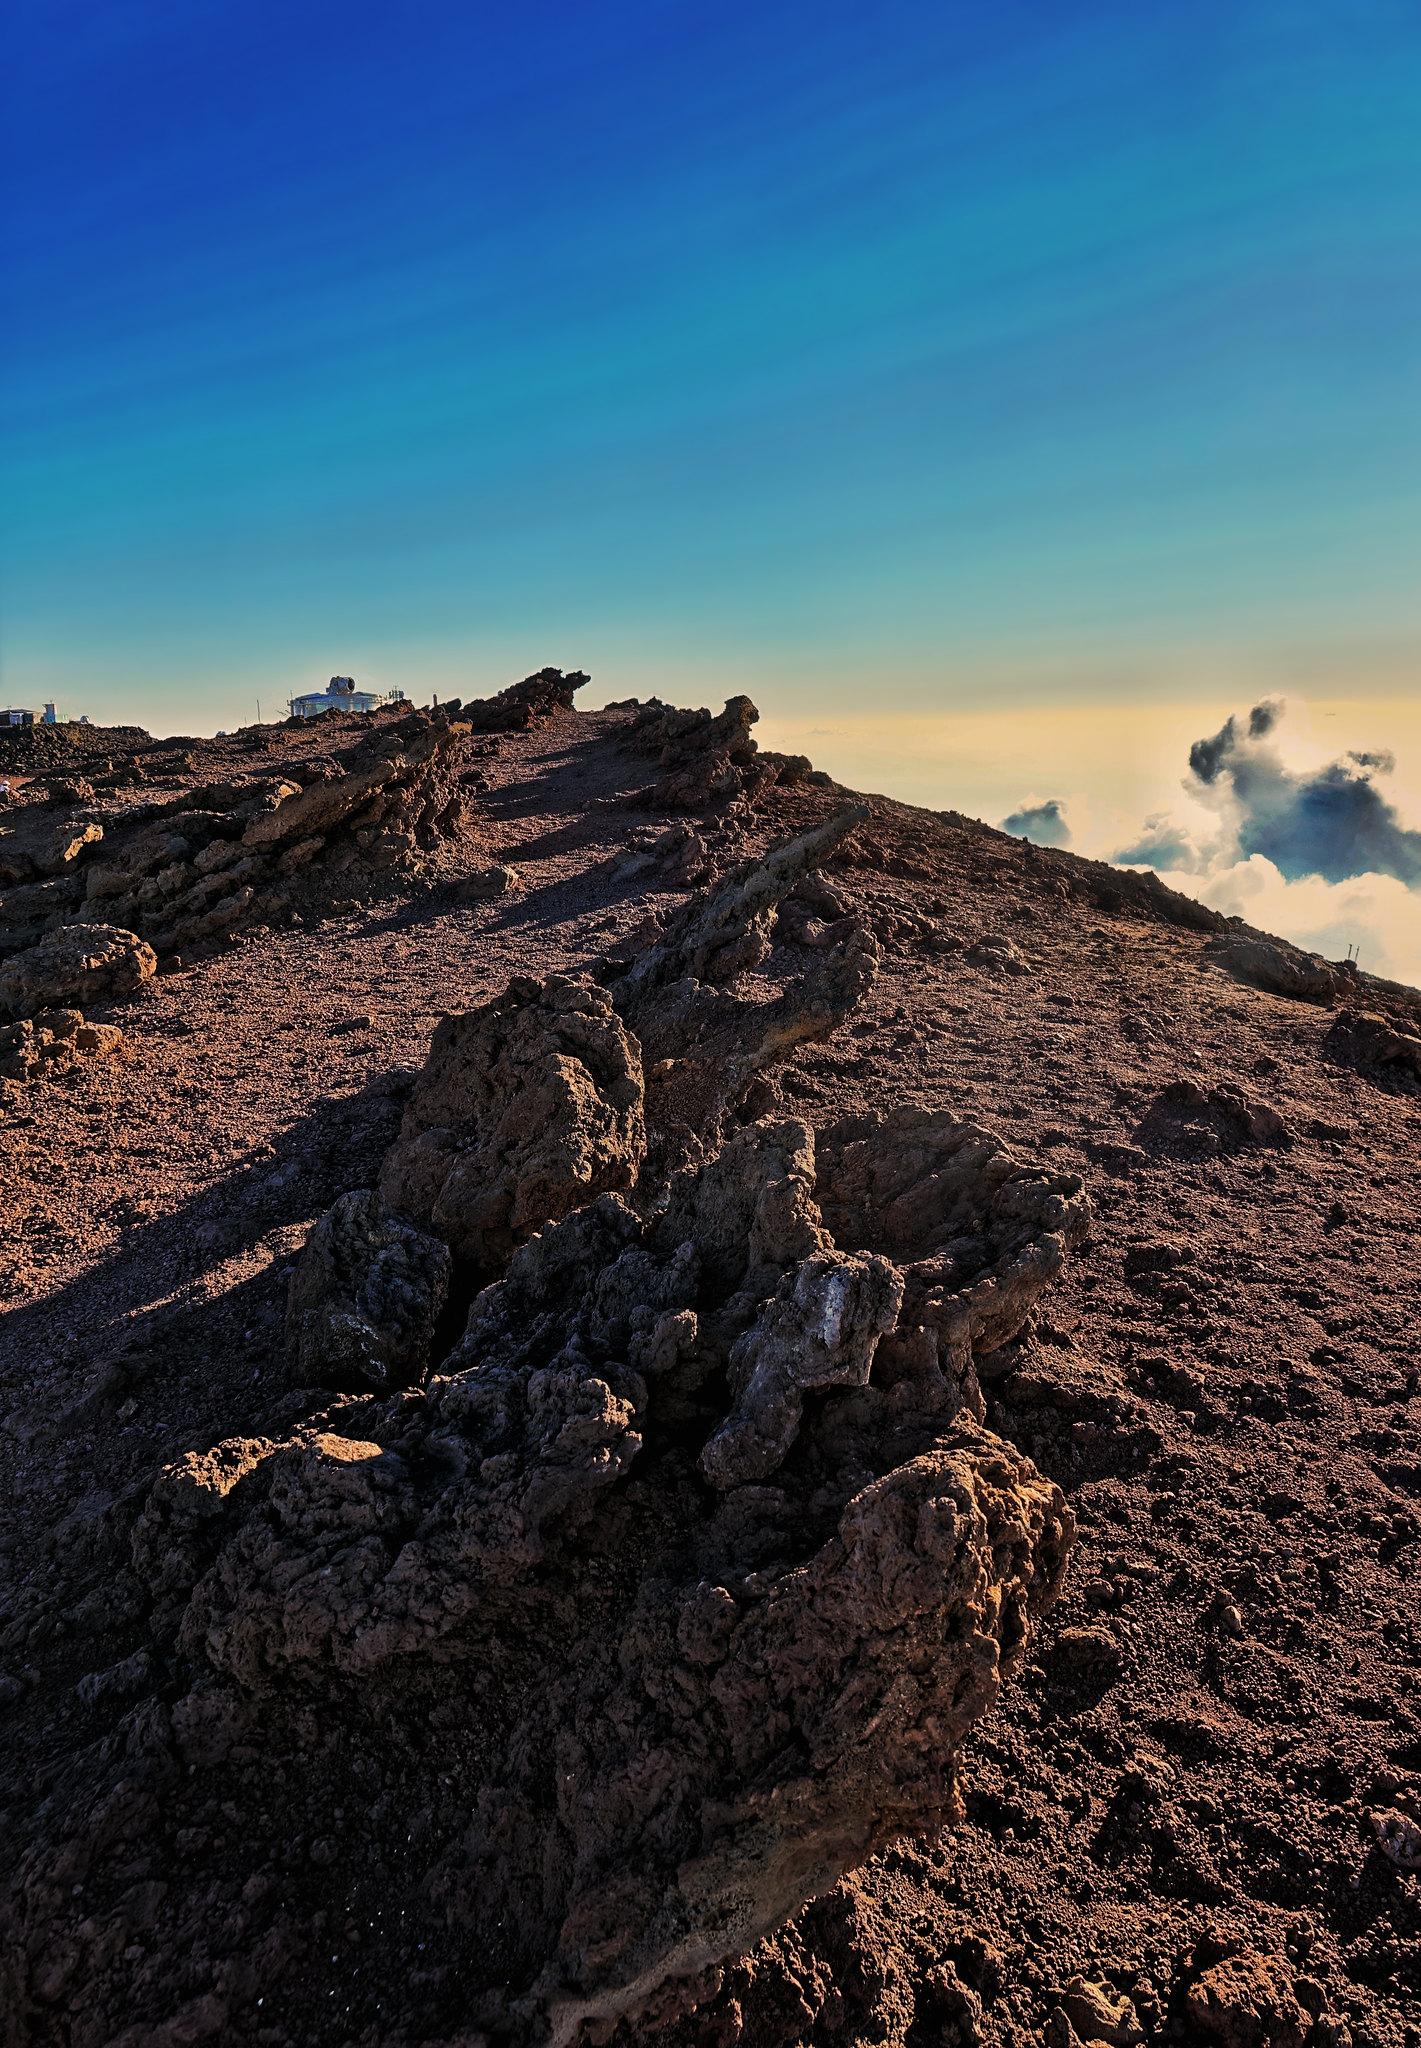 Windswept Peaks of Haleakala